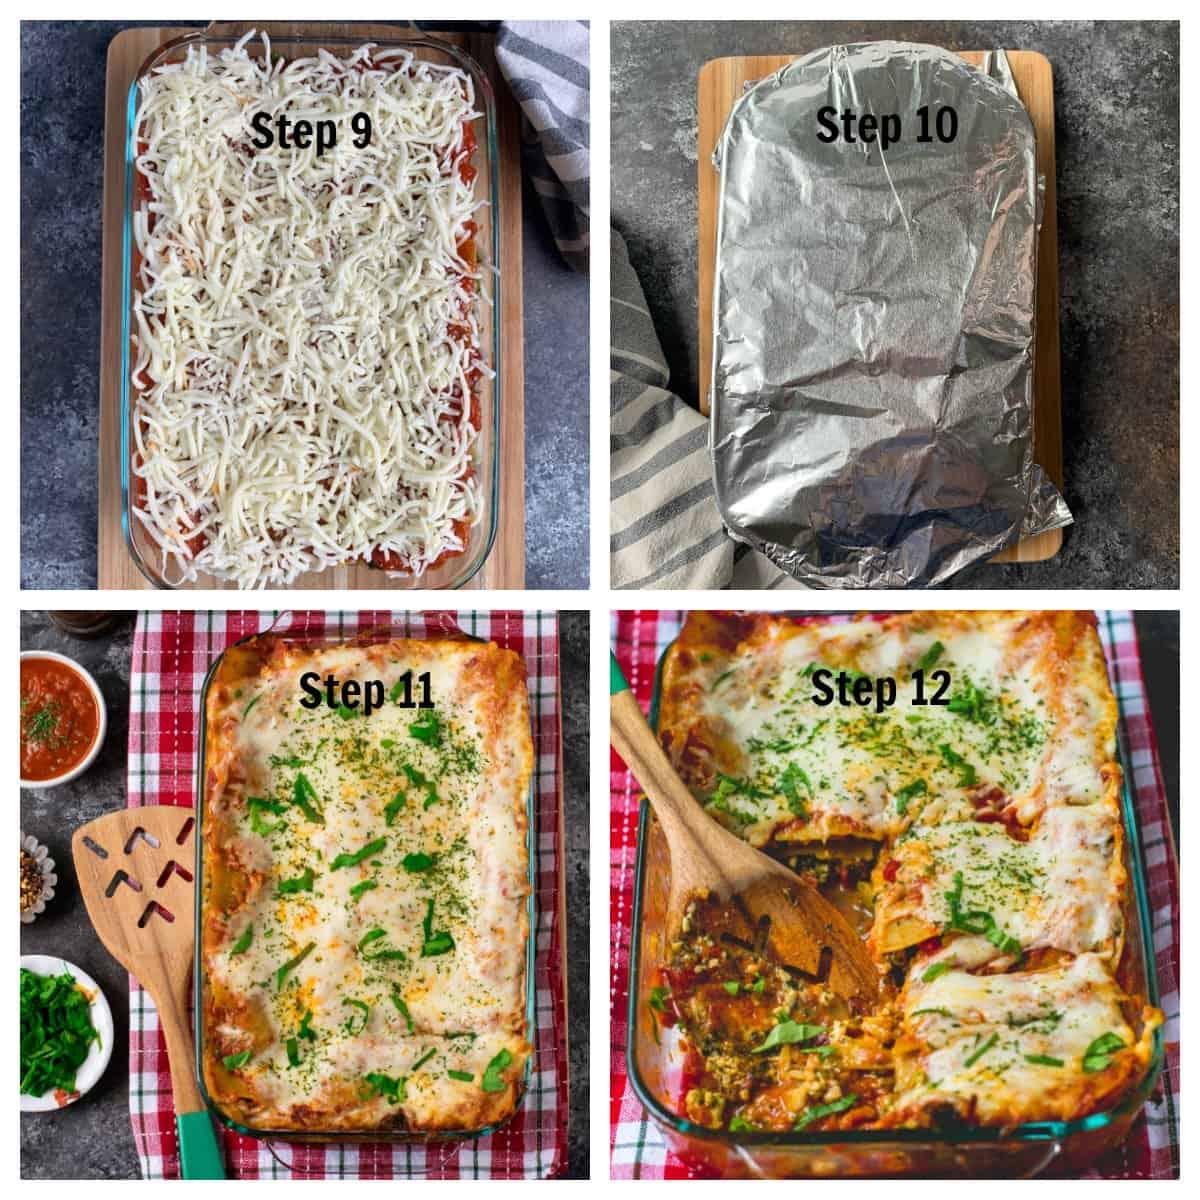 Steps in preparing and baking lasagna